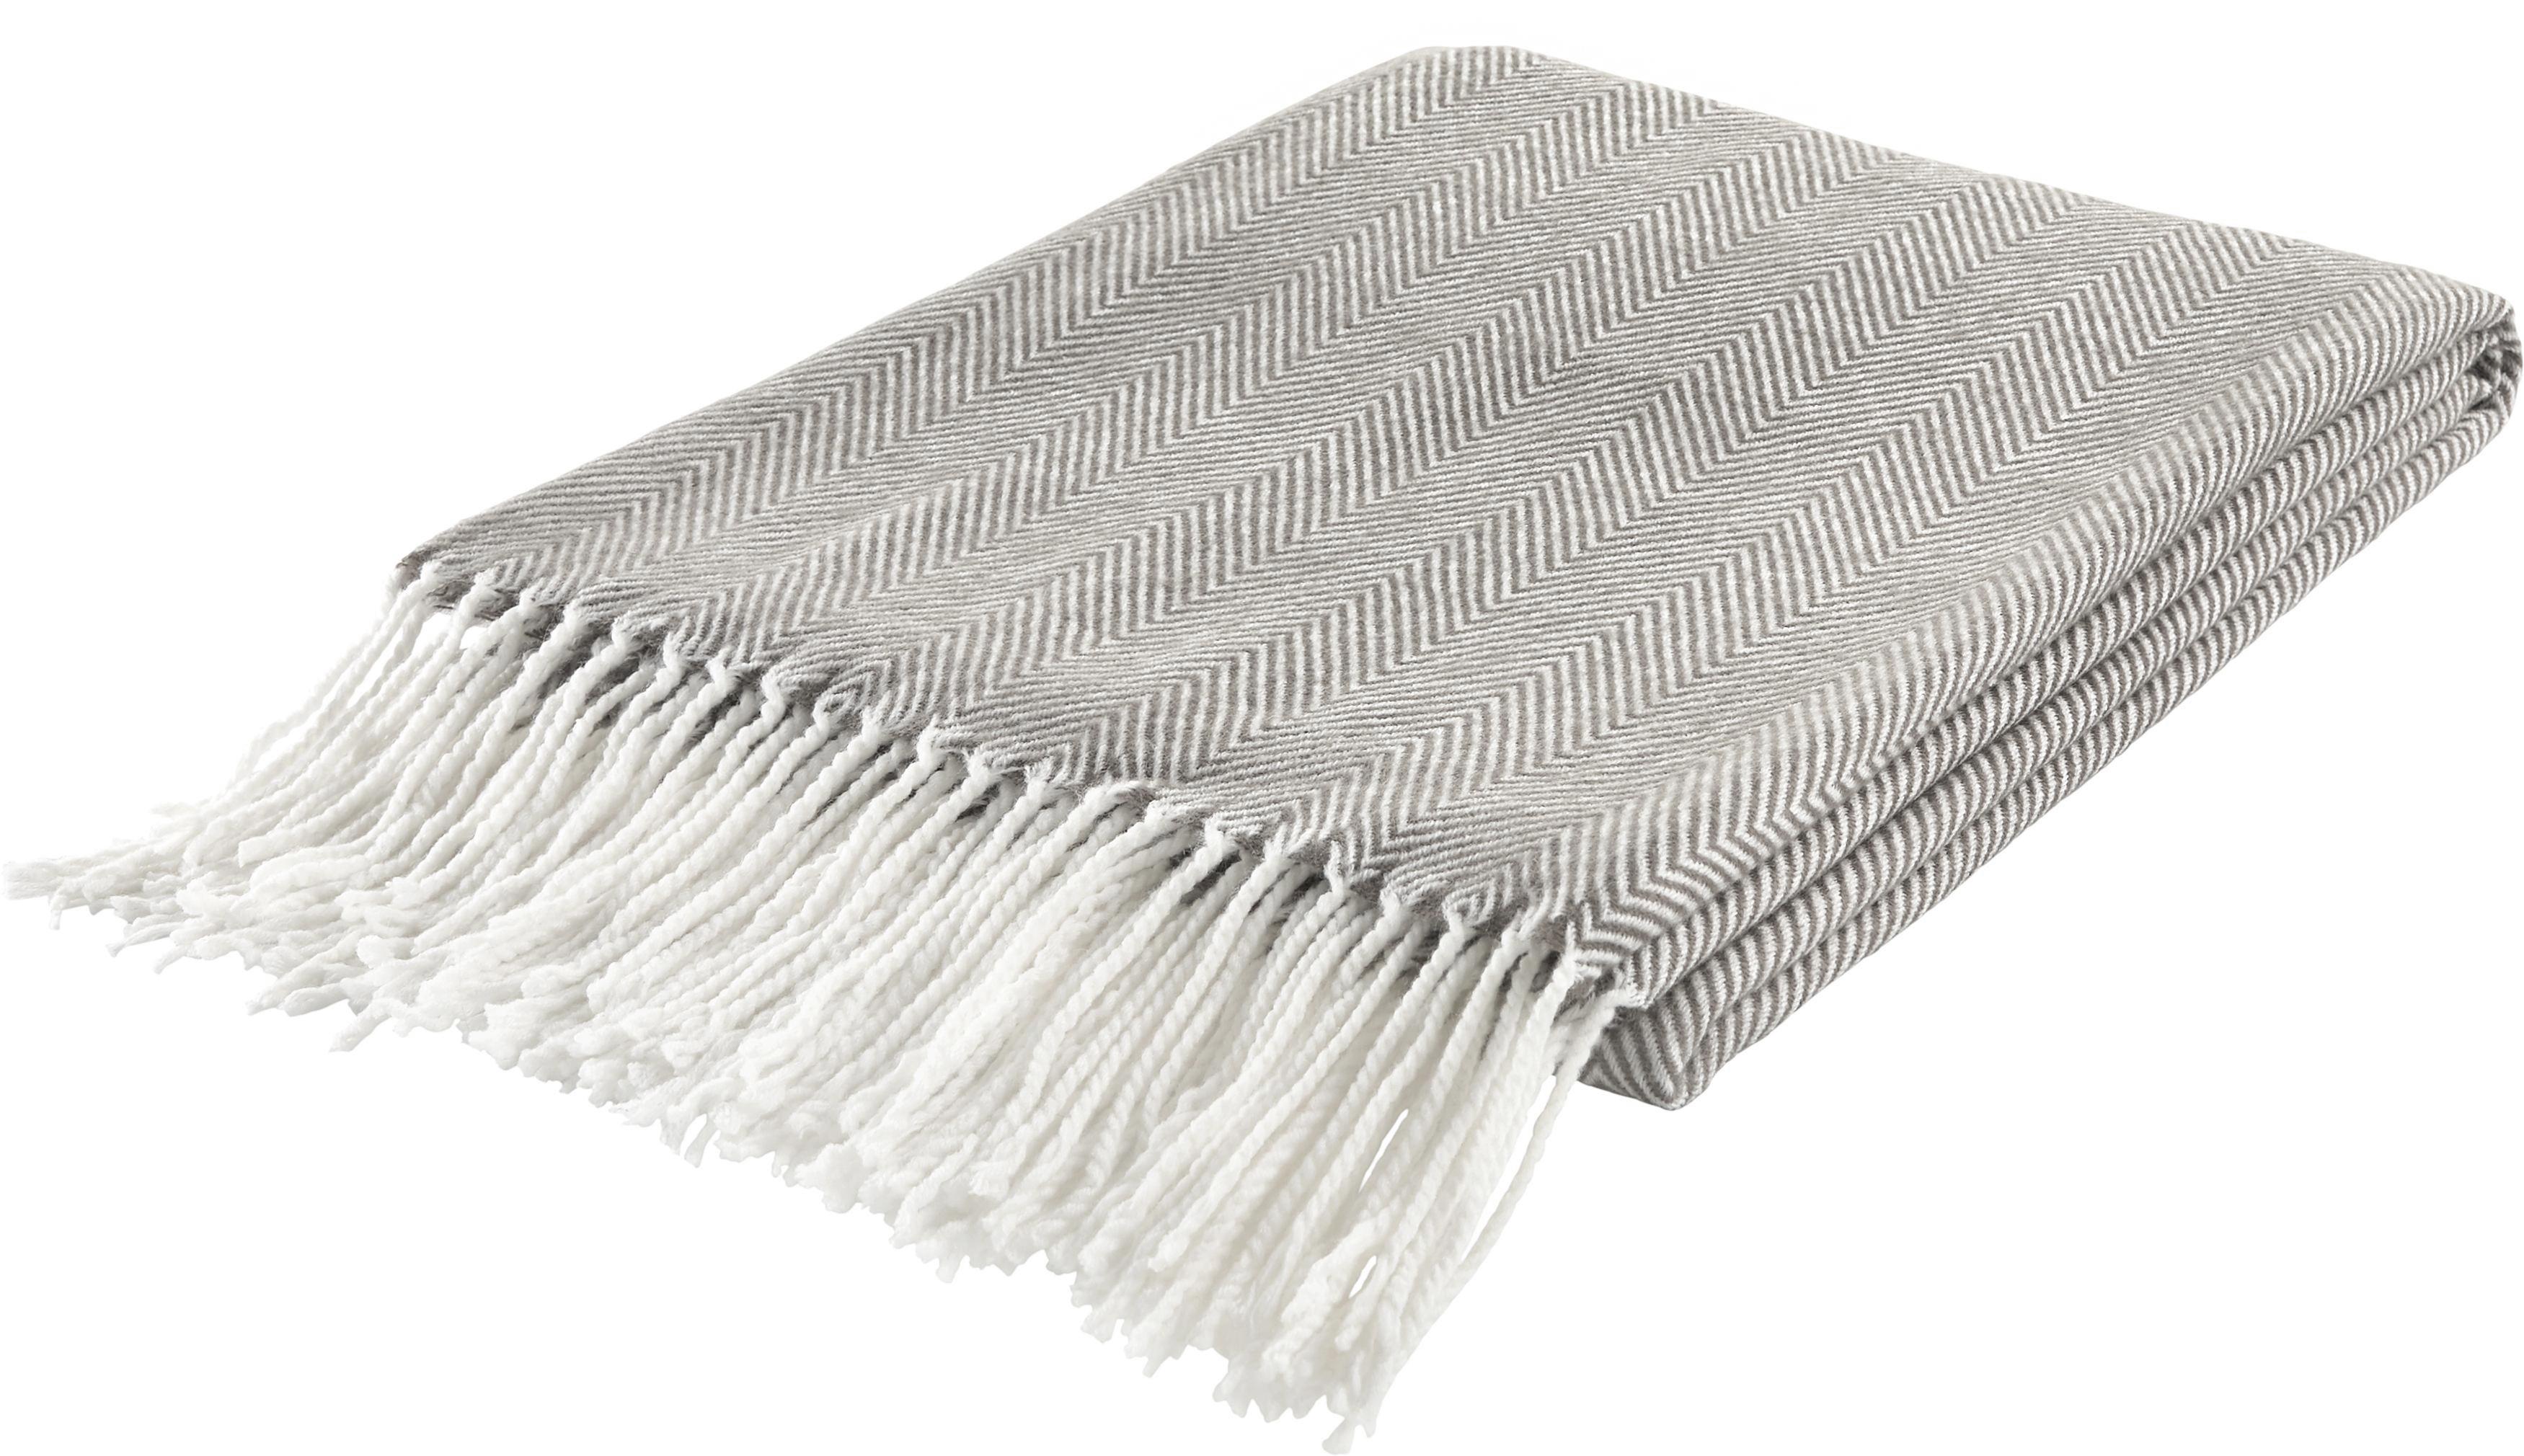 Wohndecke Emilia 130x170cm - Grau, MODERN, Textil (130/170cm) - MÖMAX modern living